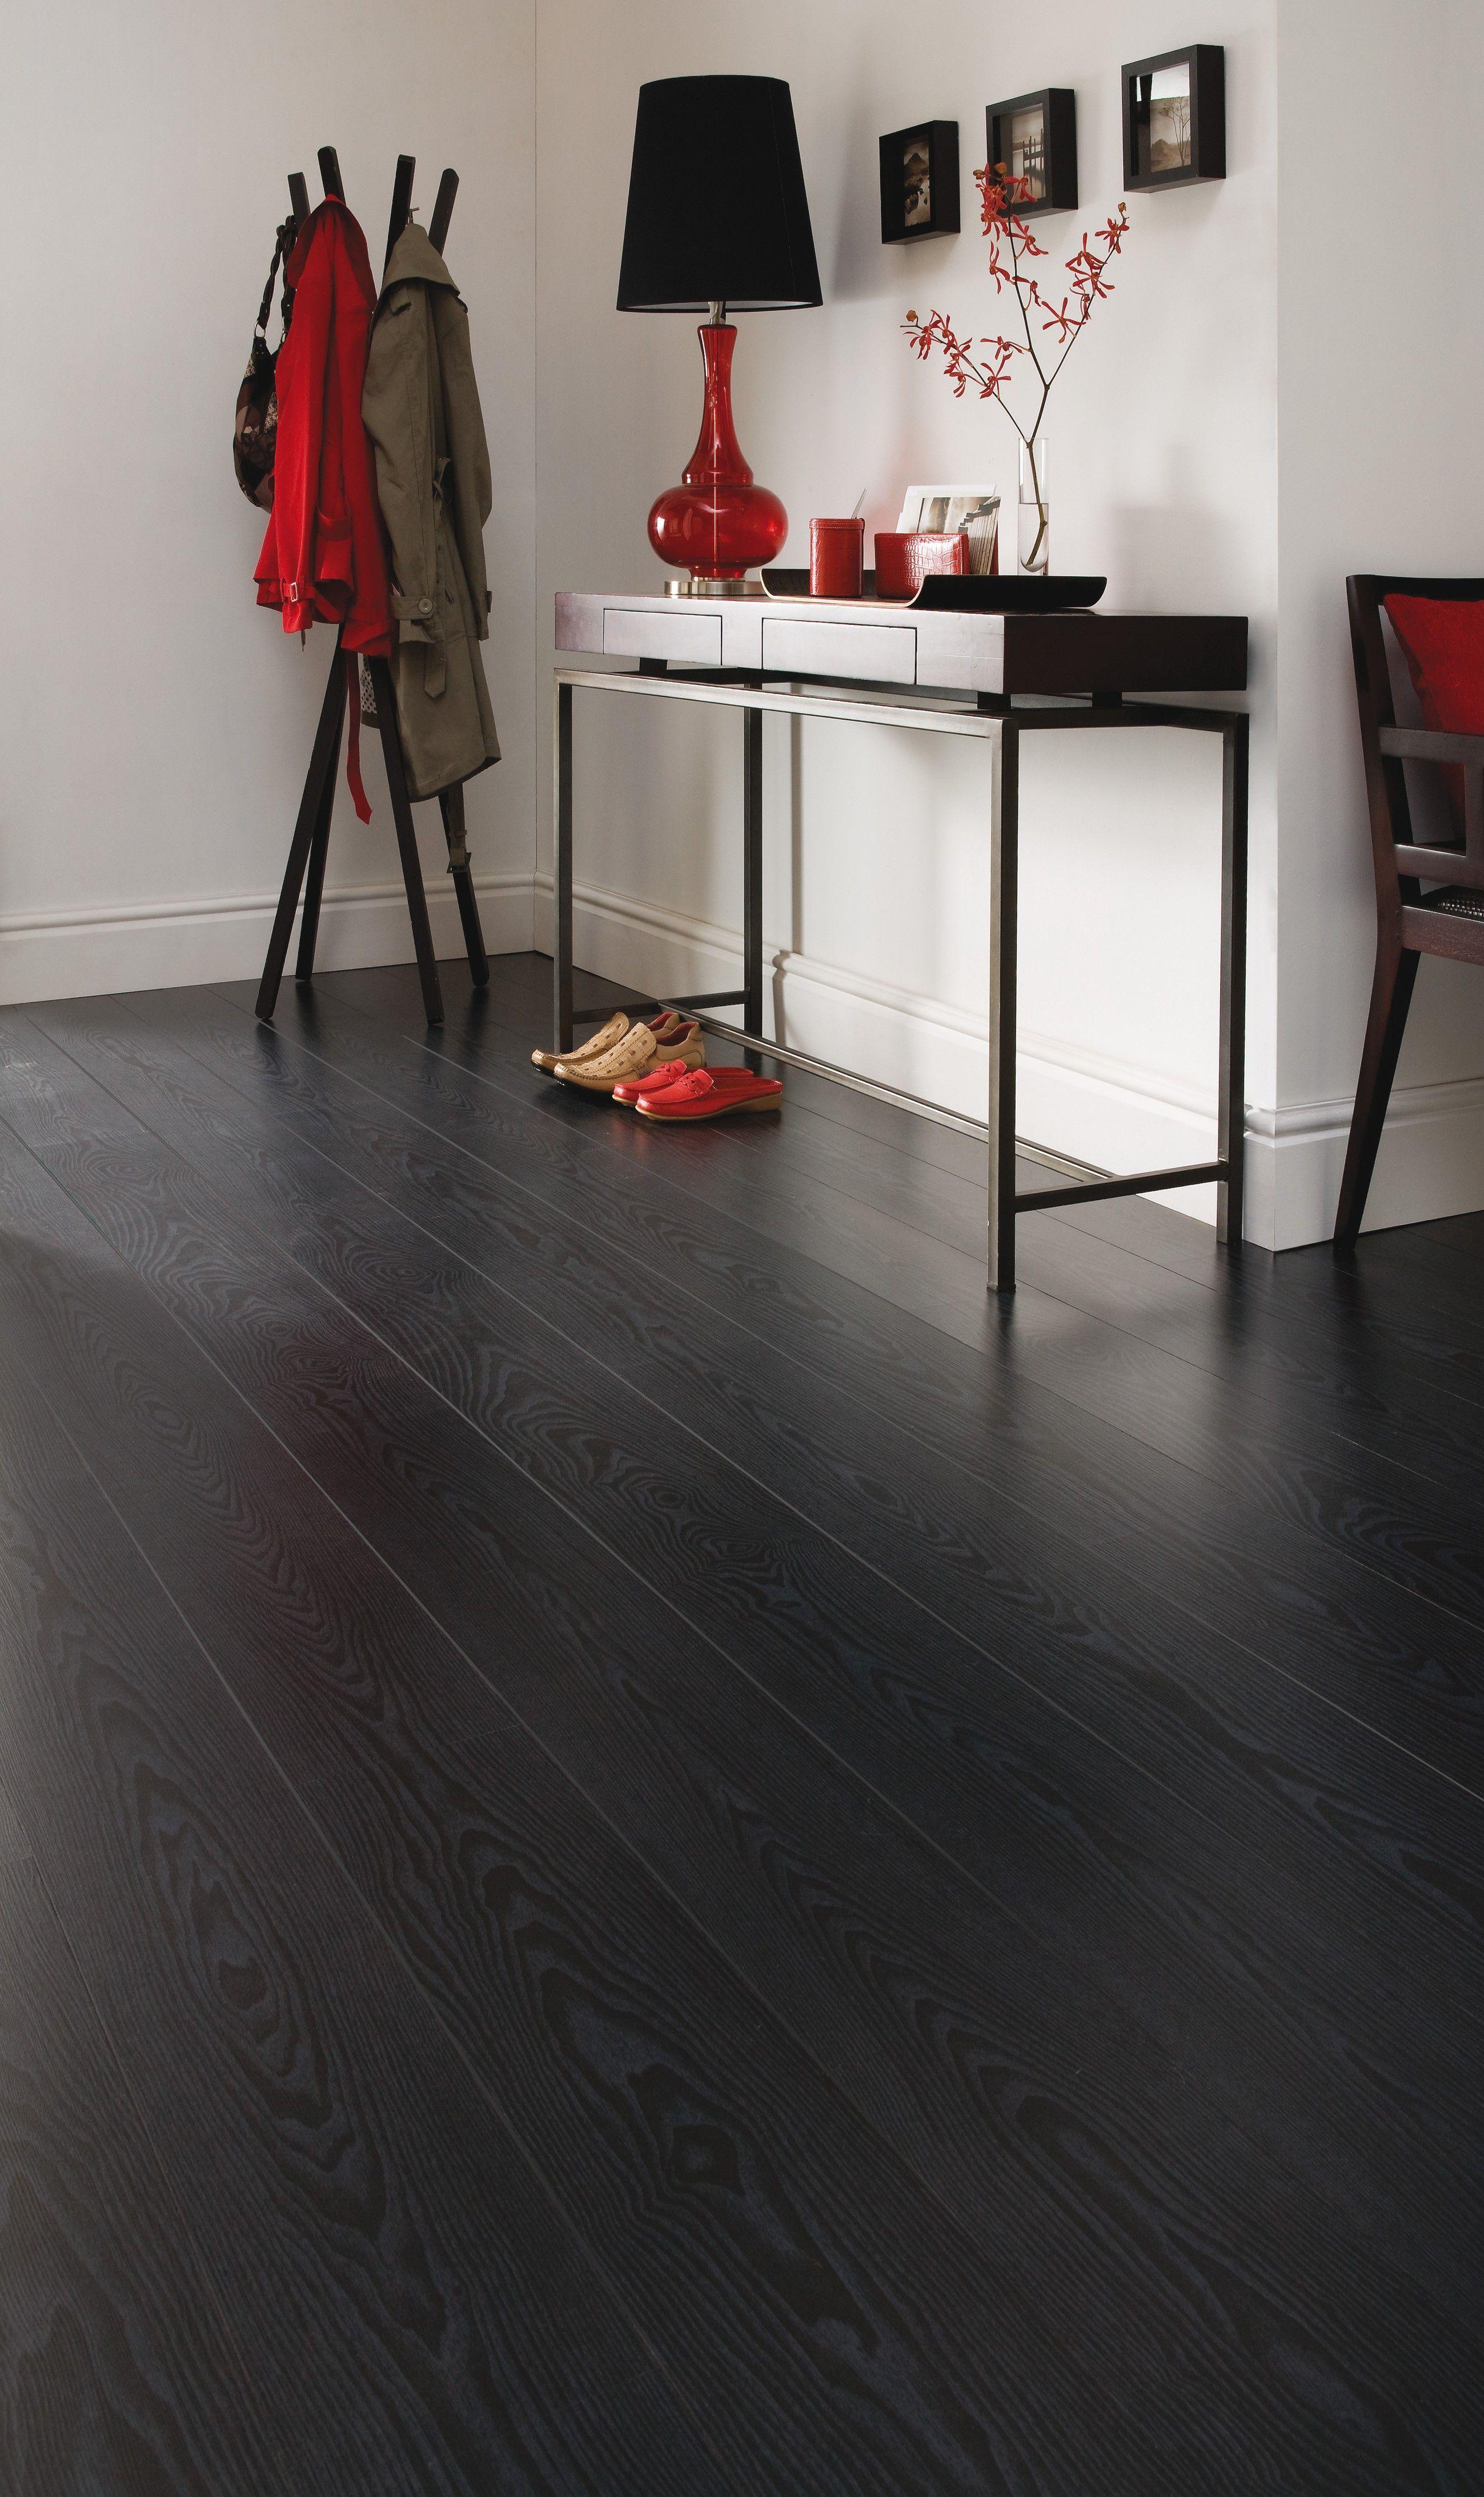 Zwarte vloer www beboparket nl #houtenvloer #laminaat #interieur #inspiratie #tips #wonen